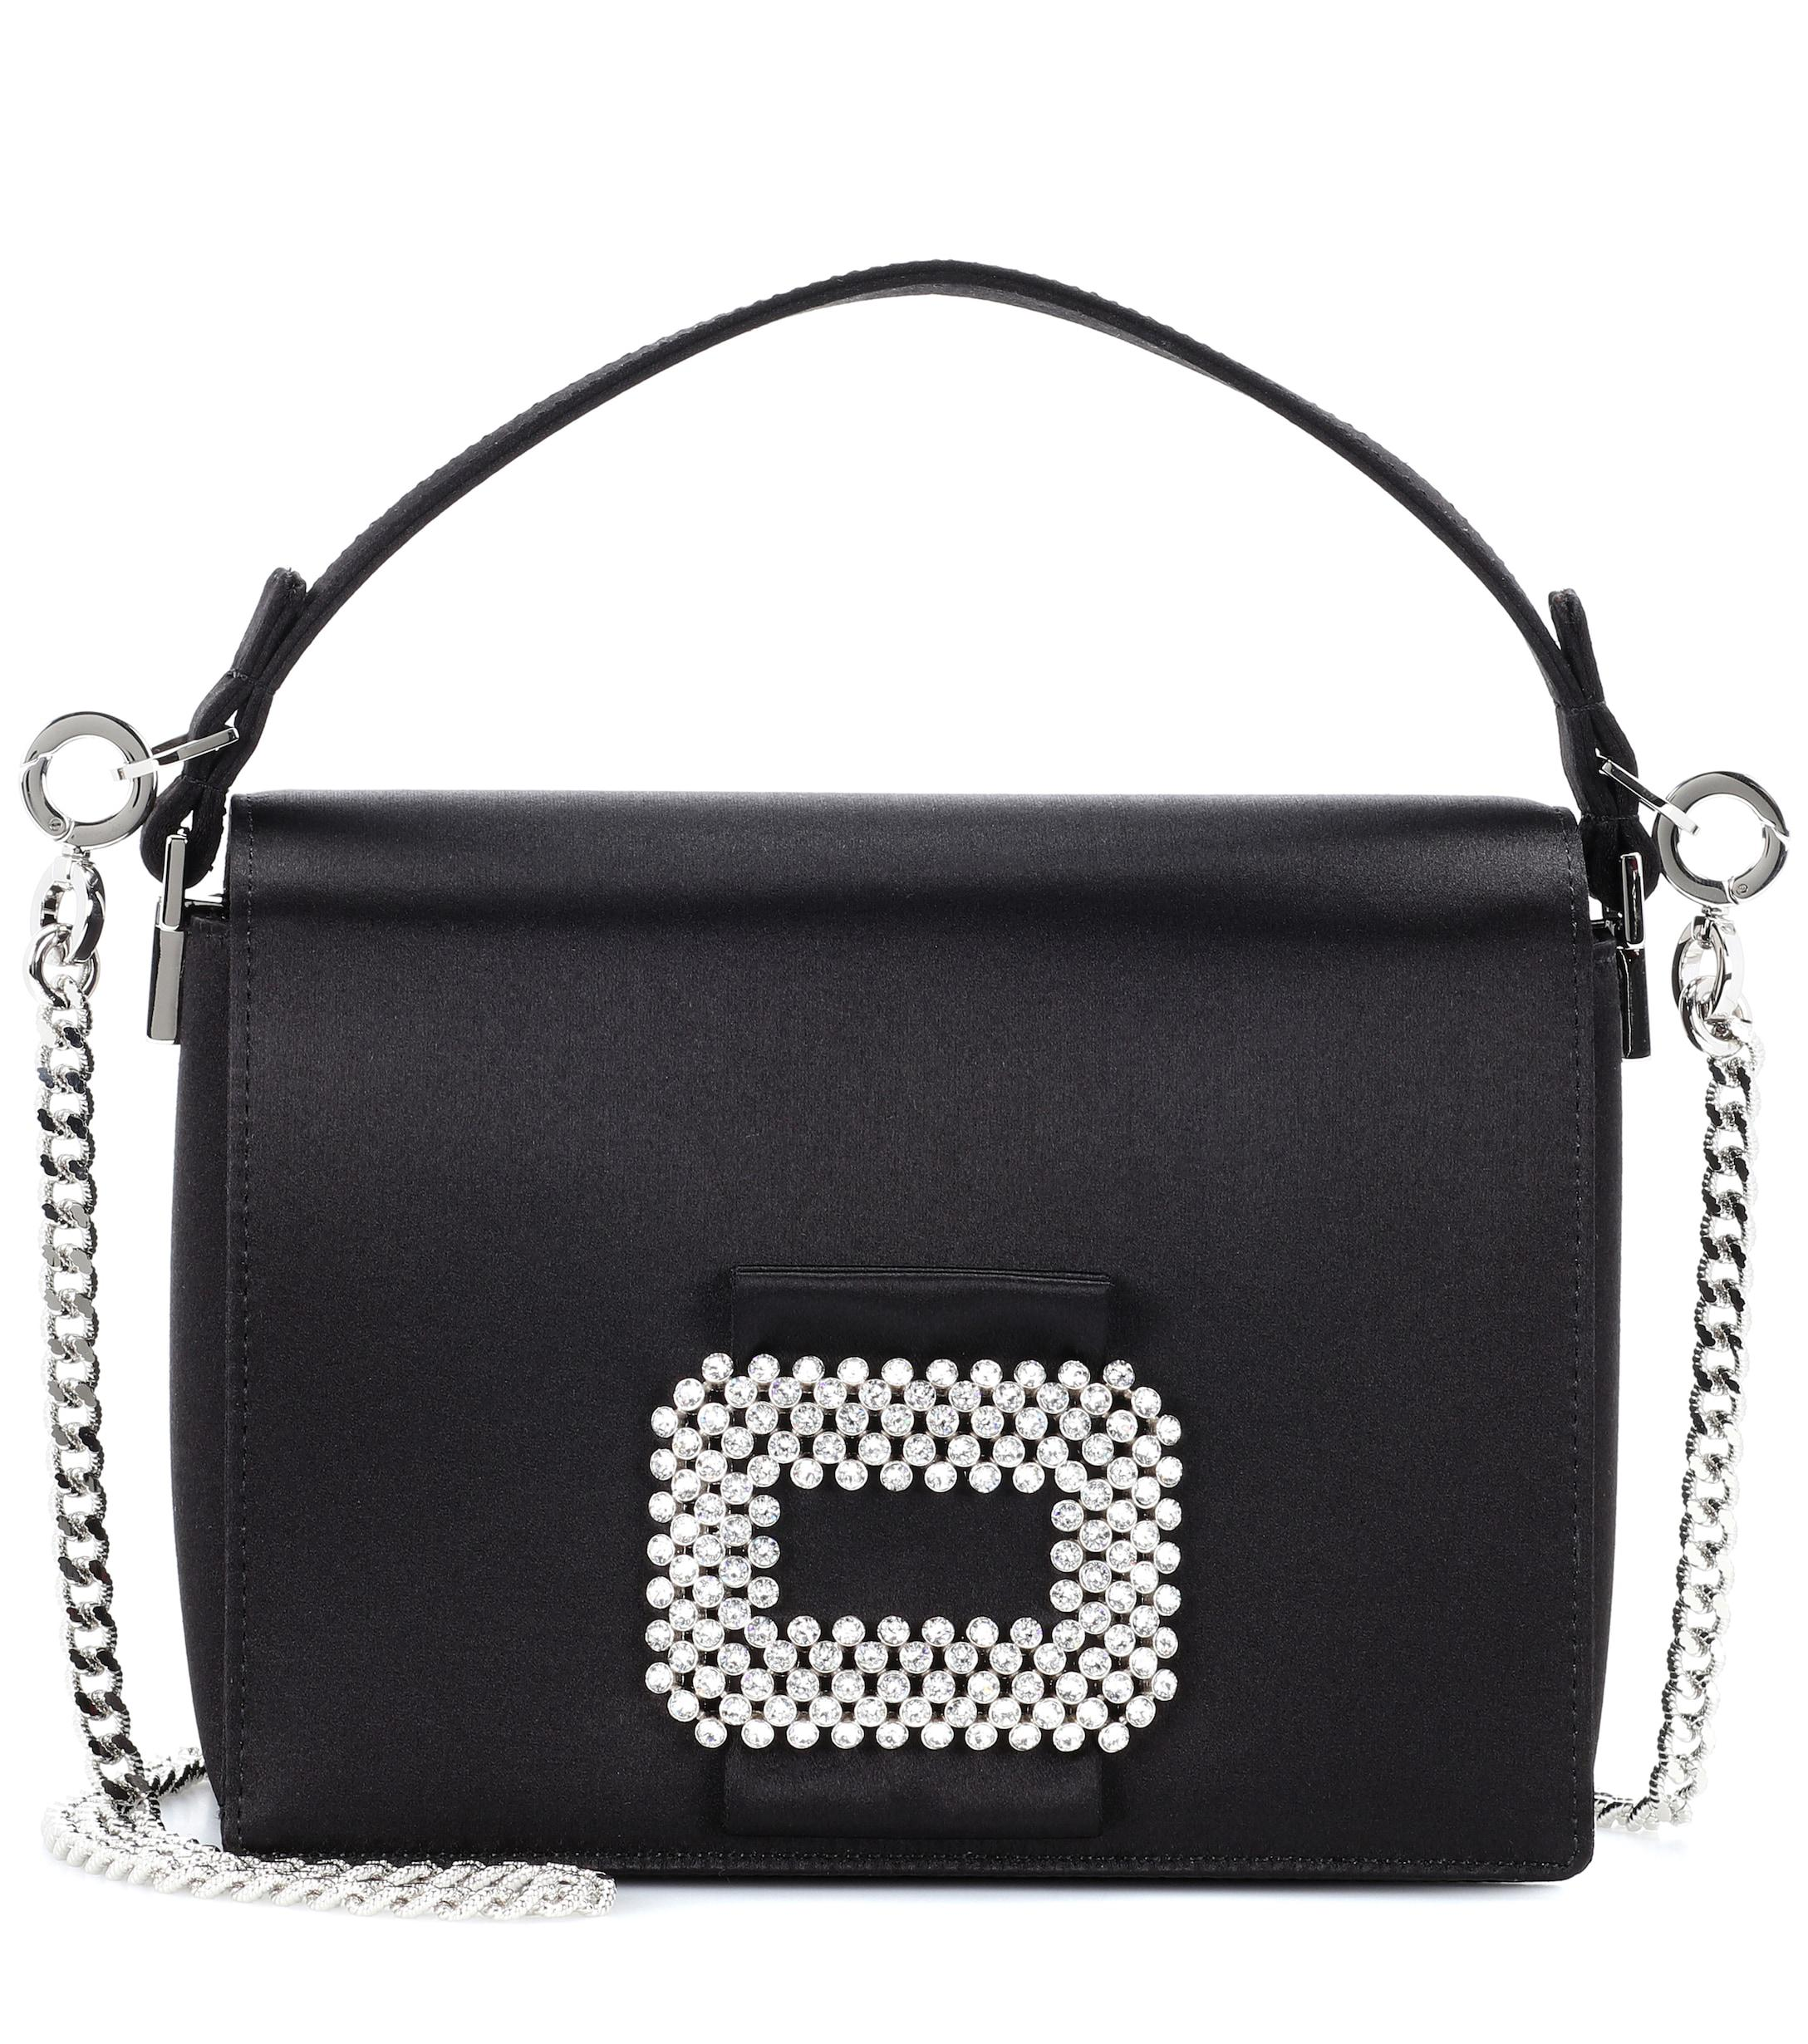 15939a2e4e1b Lyst - Roger Vivier Madame Viv Satin Shoulder Bag in Black - Save 24%